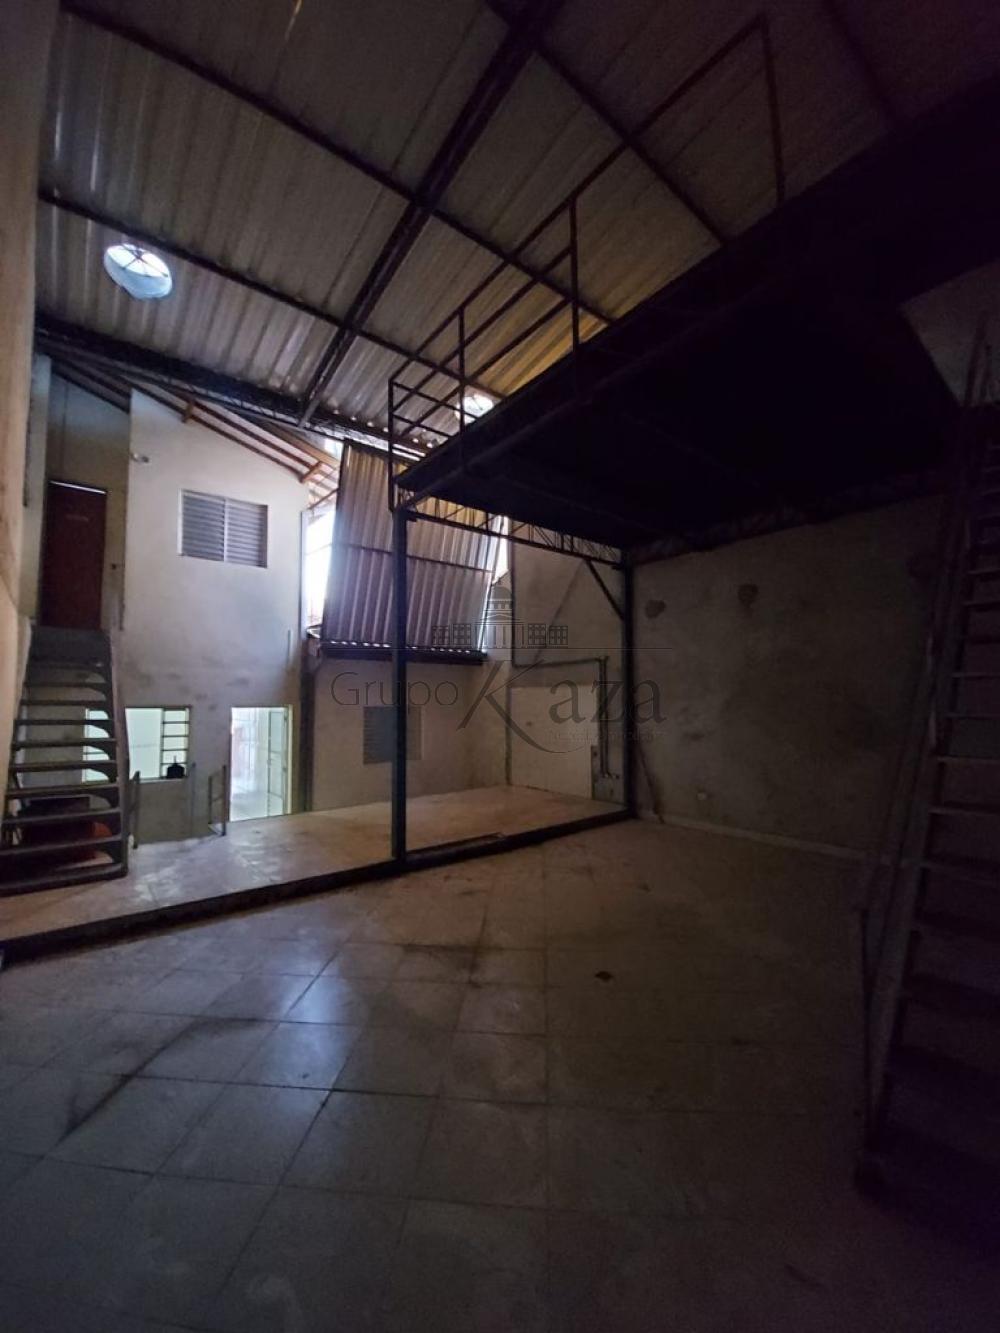 alt='Alugar Casa / Comercial / Residencial em São José dos Campos R$ 2.800,00 - Foto 10' title='Alugar Casa / Comercial / Residencial em São José dos Campos R$ 2.800,00 - Foto 10'